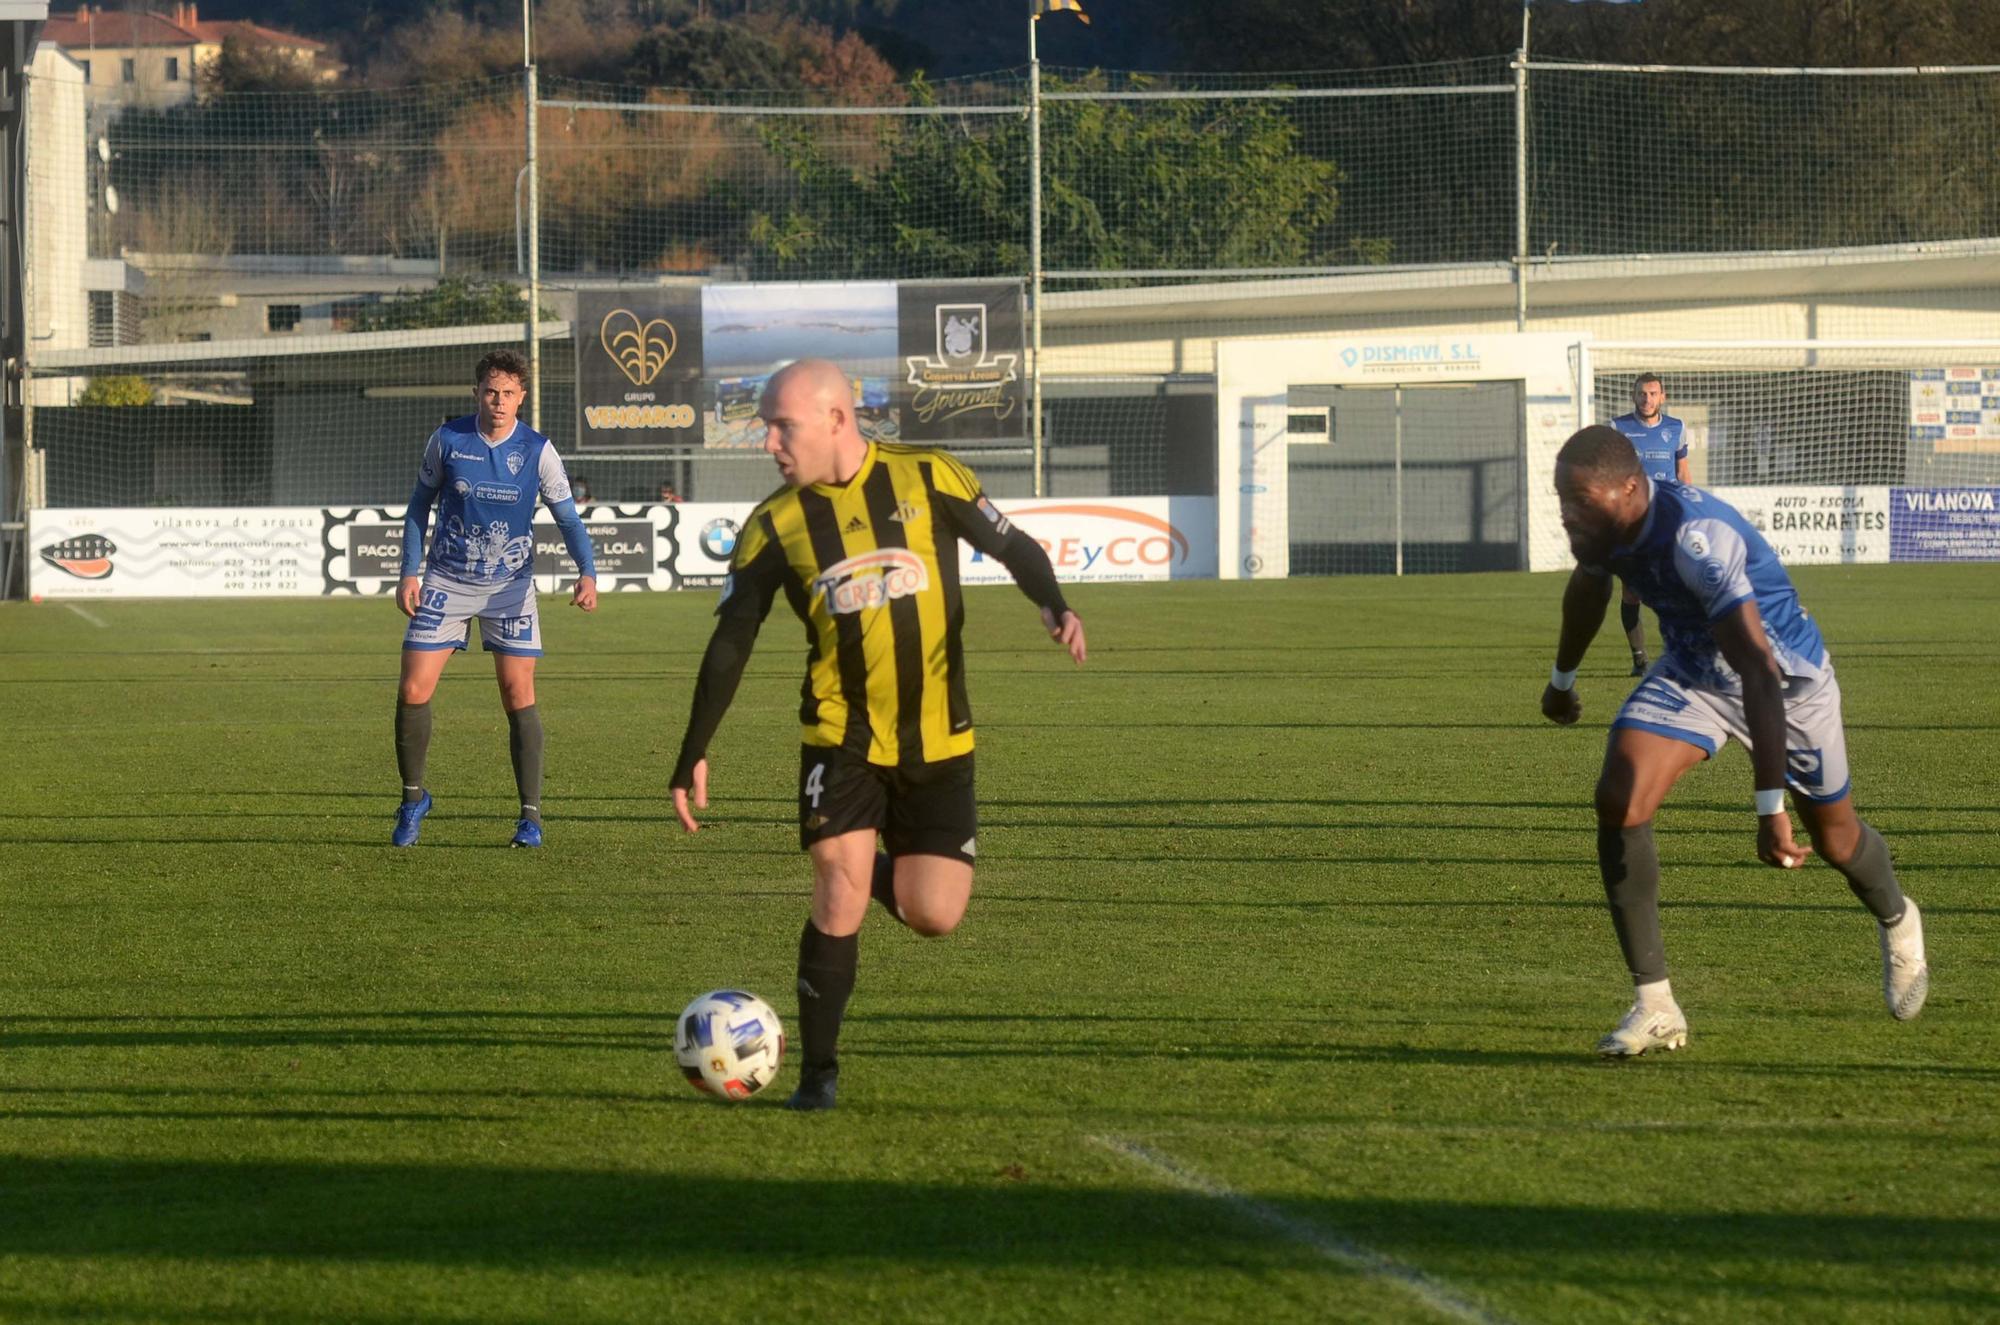 El Ourense CF se lleva los tres puntos de A Senra